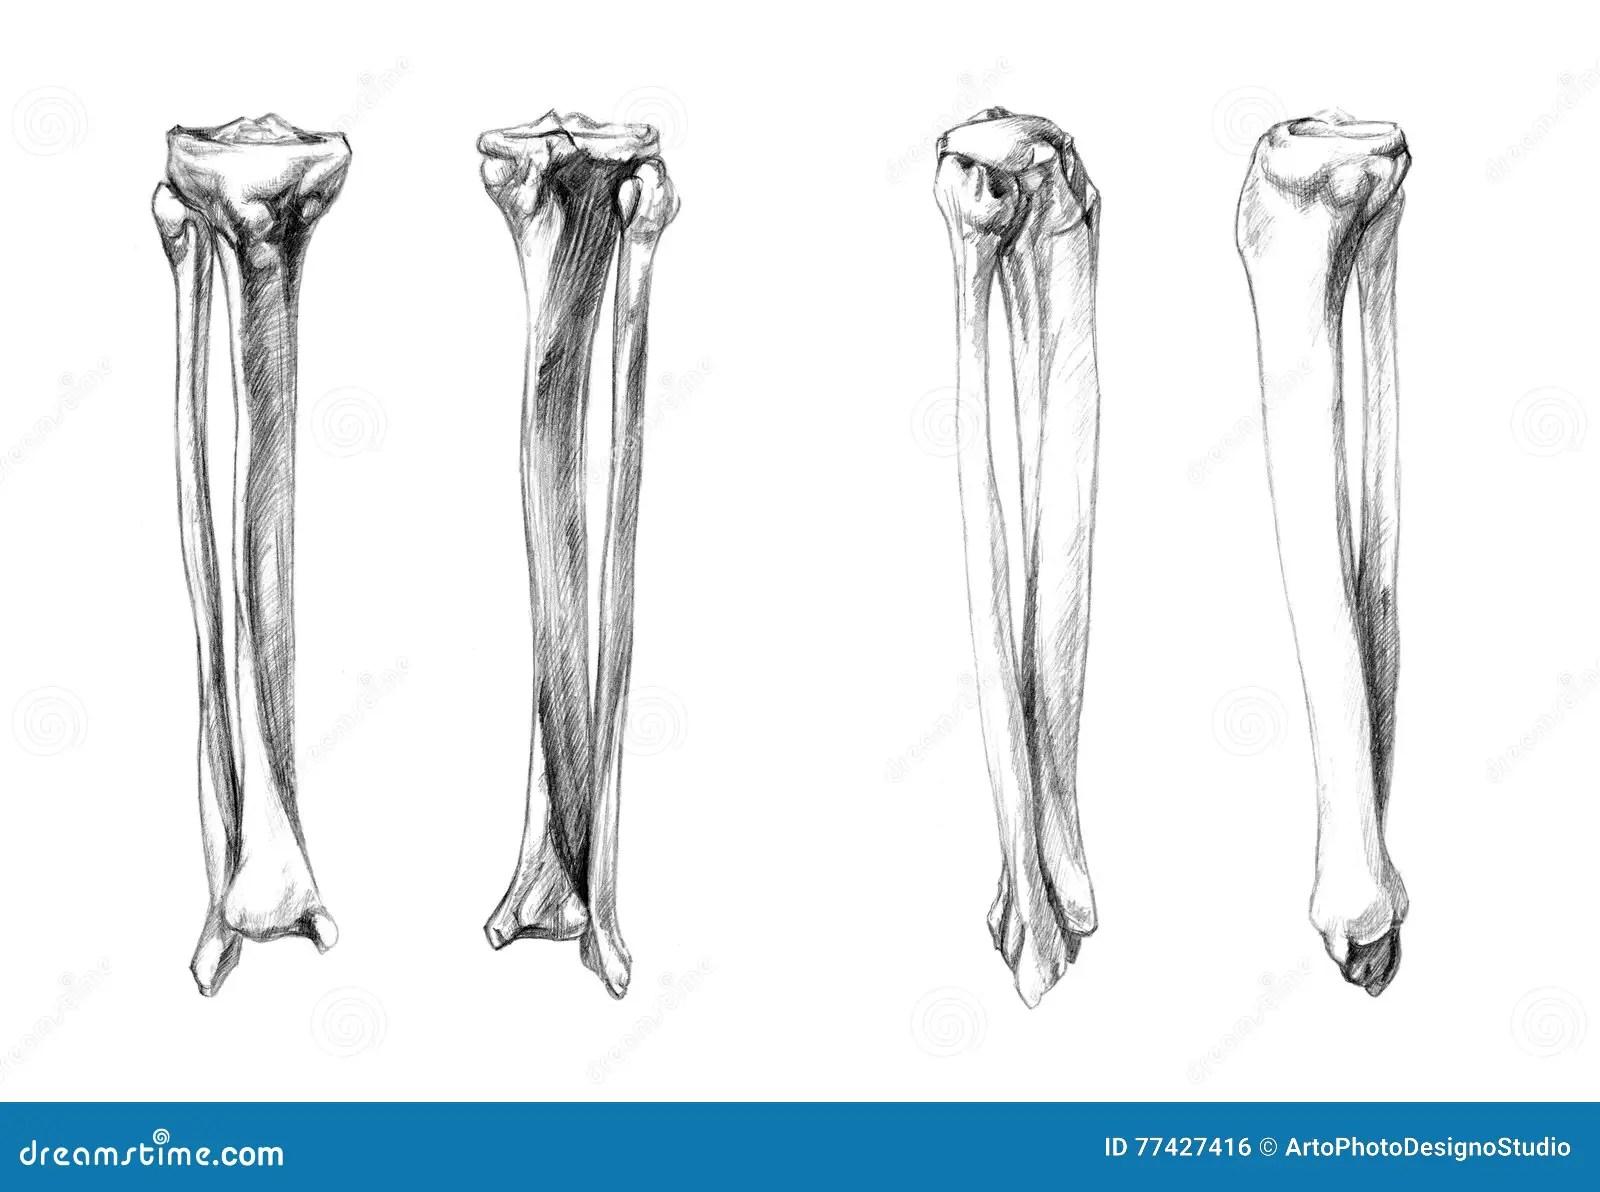 diagrams of fibular fracture